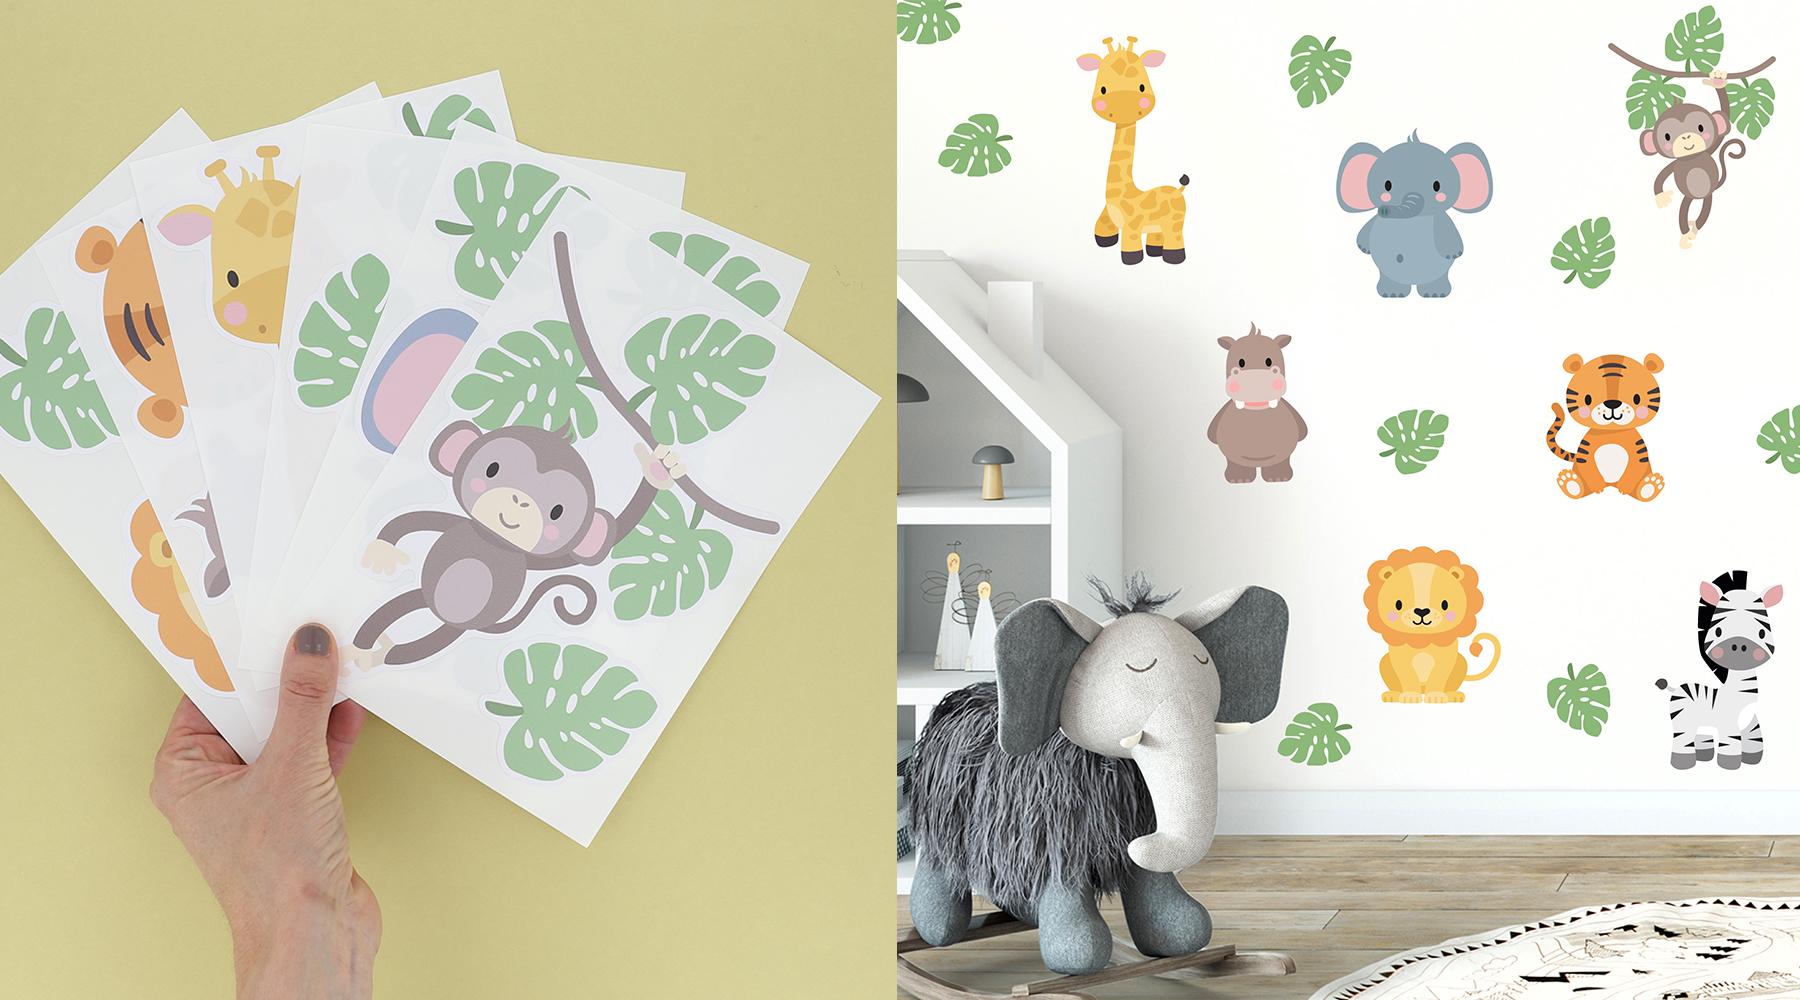 Julklappstips: Personlig wallstickers till barnrummet är en fantastisk julklapp